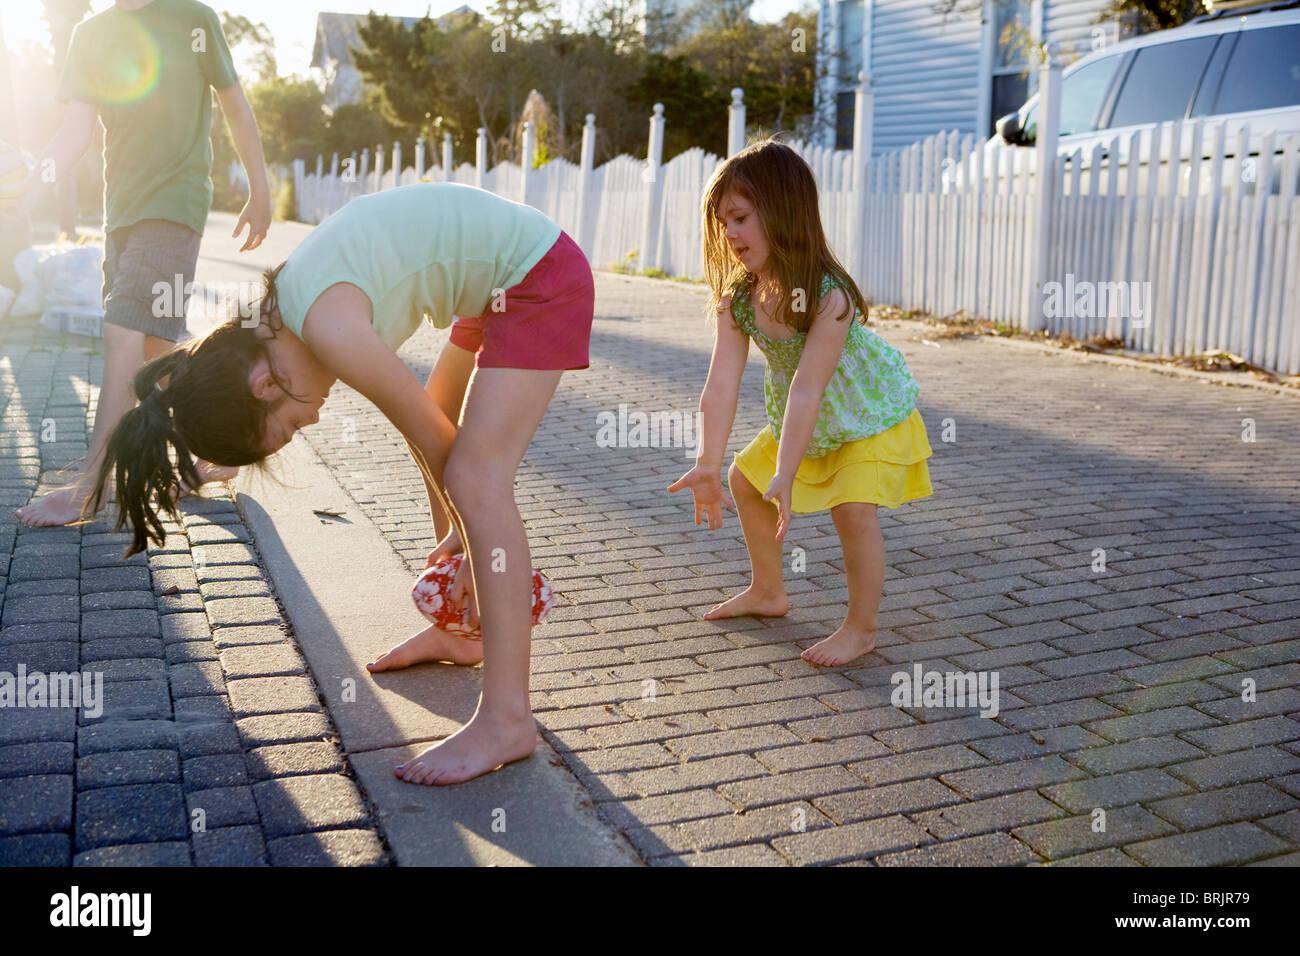 Duas meninas estão jogando futebol em um corredor com o sol no fundo. Imagens de Stock